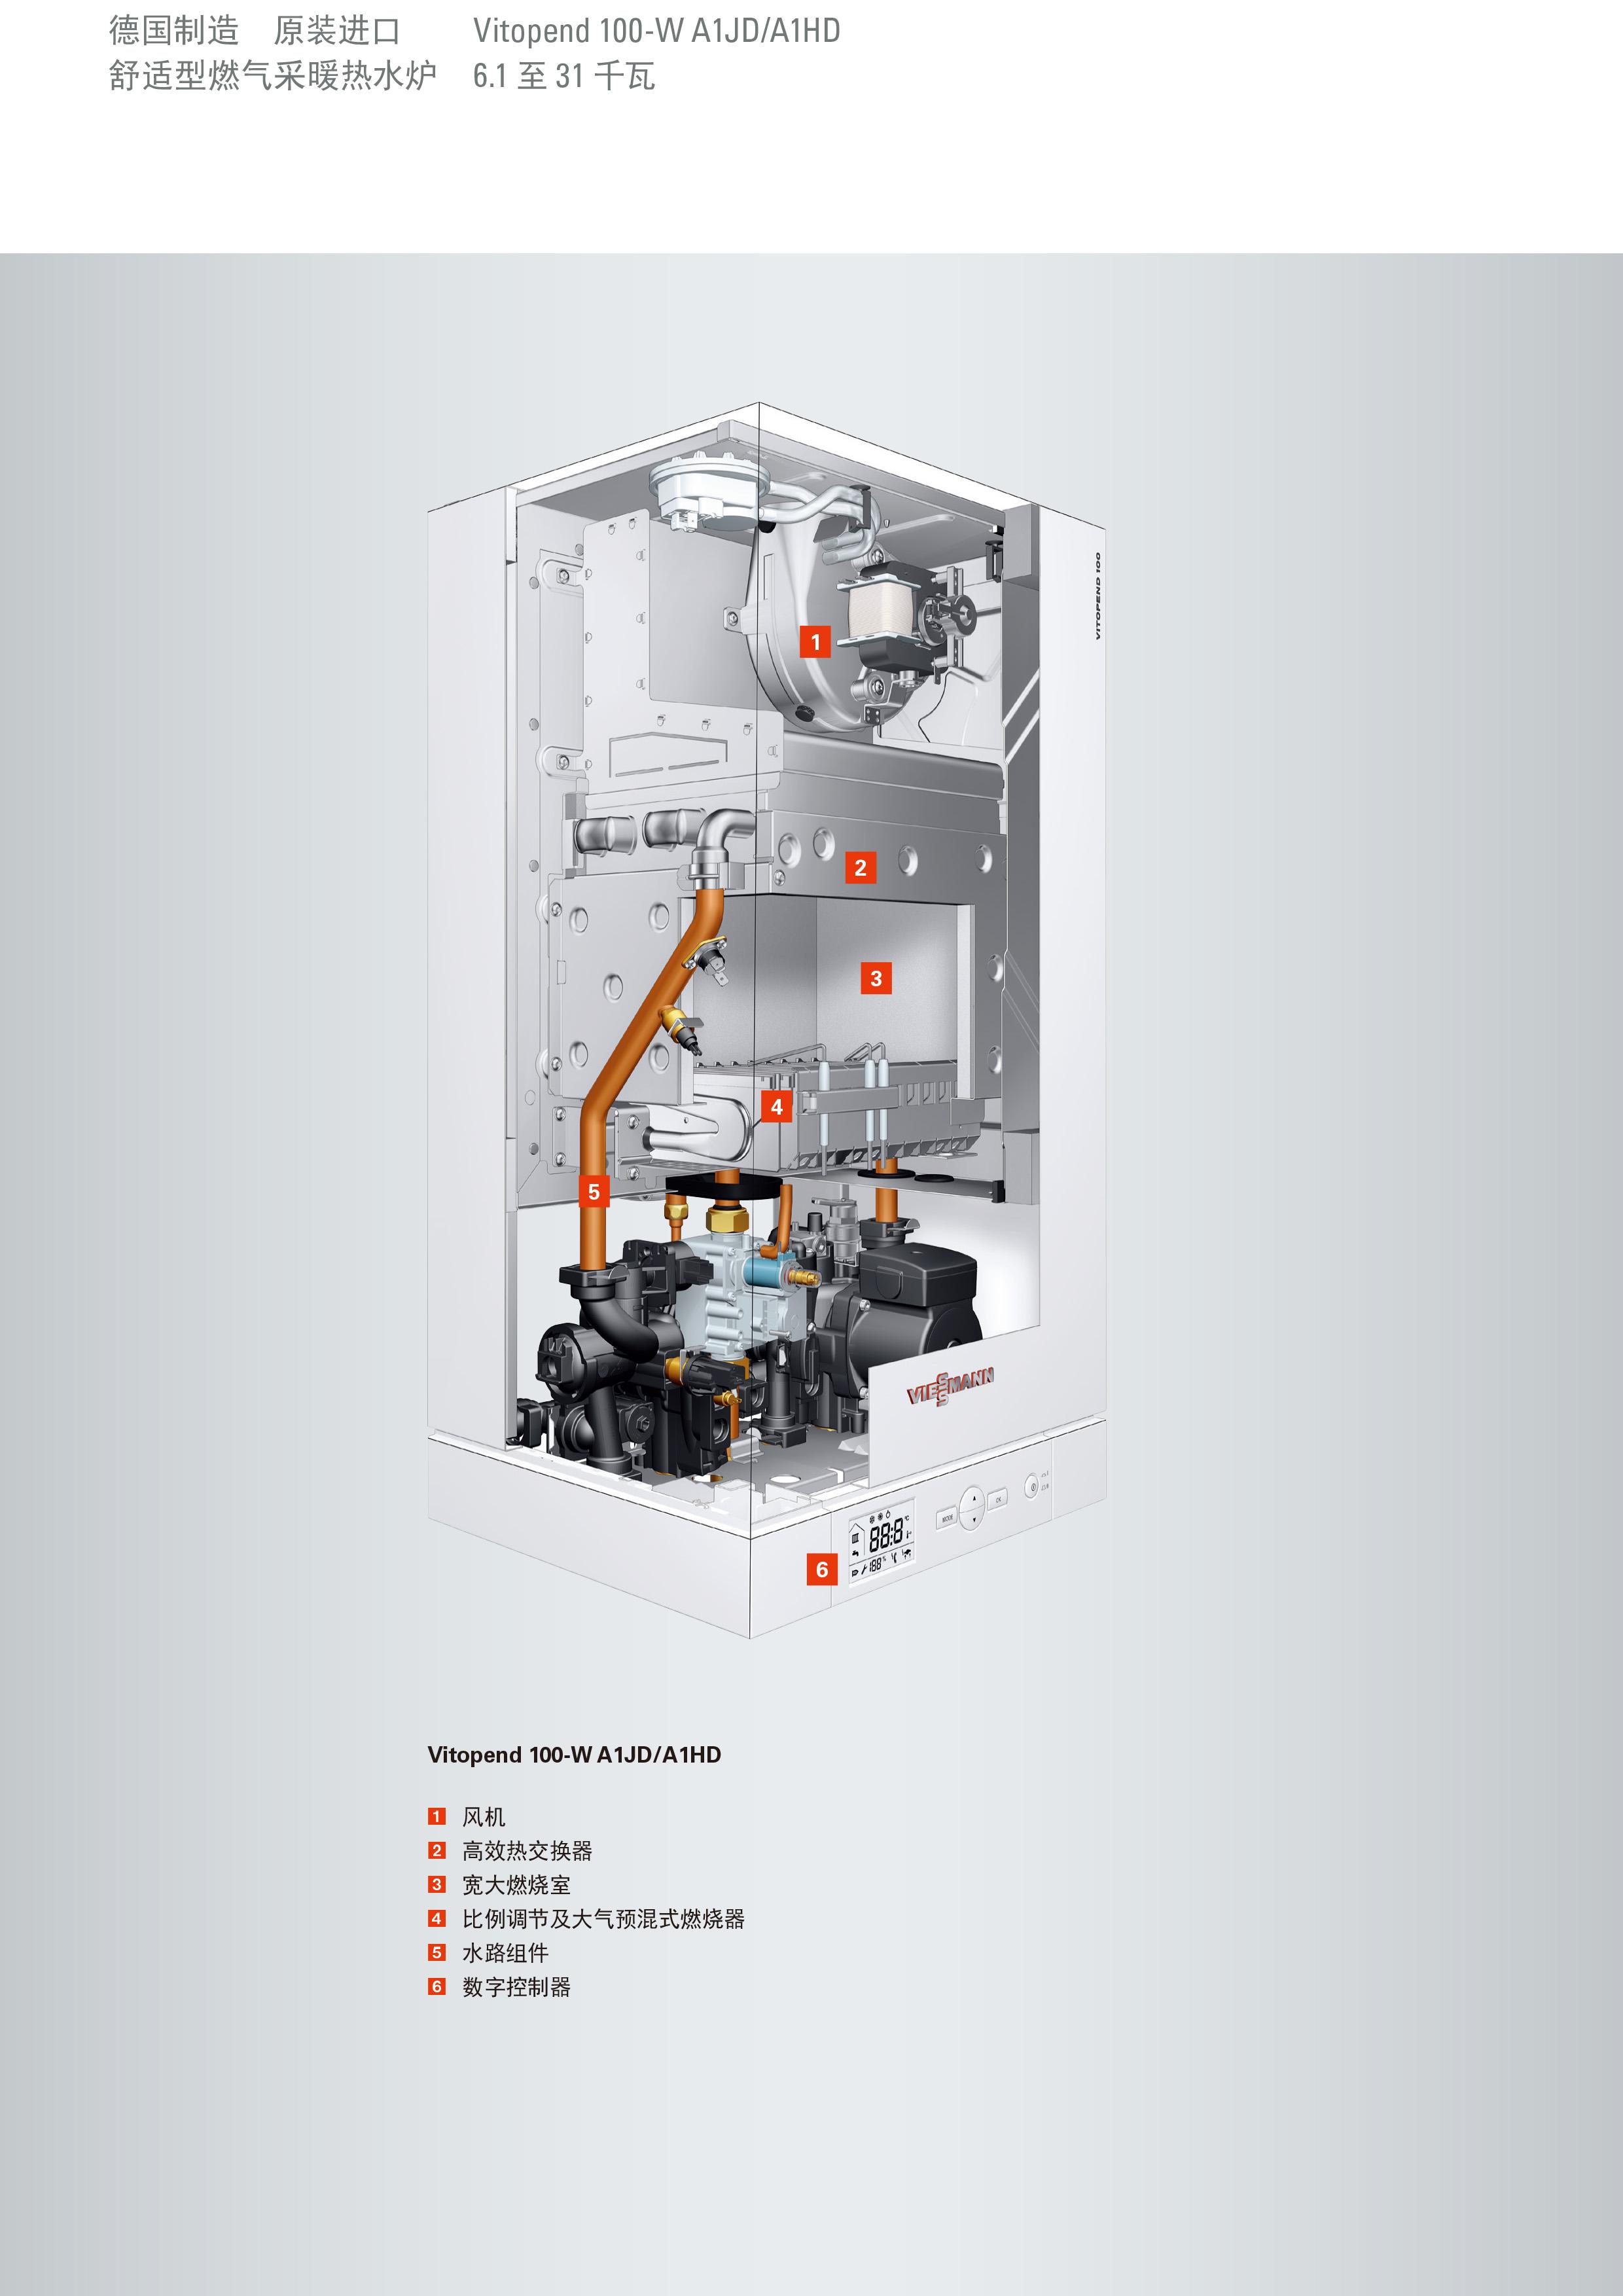 菲斯曼舒适型燃气采暖热水炉结构